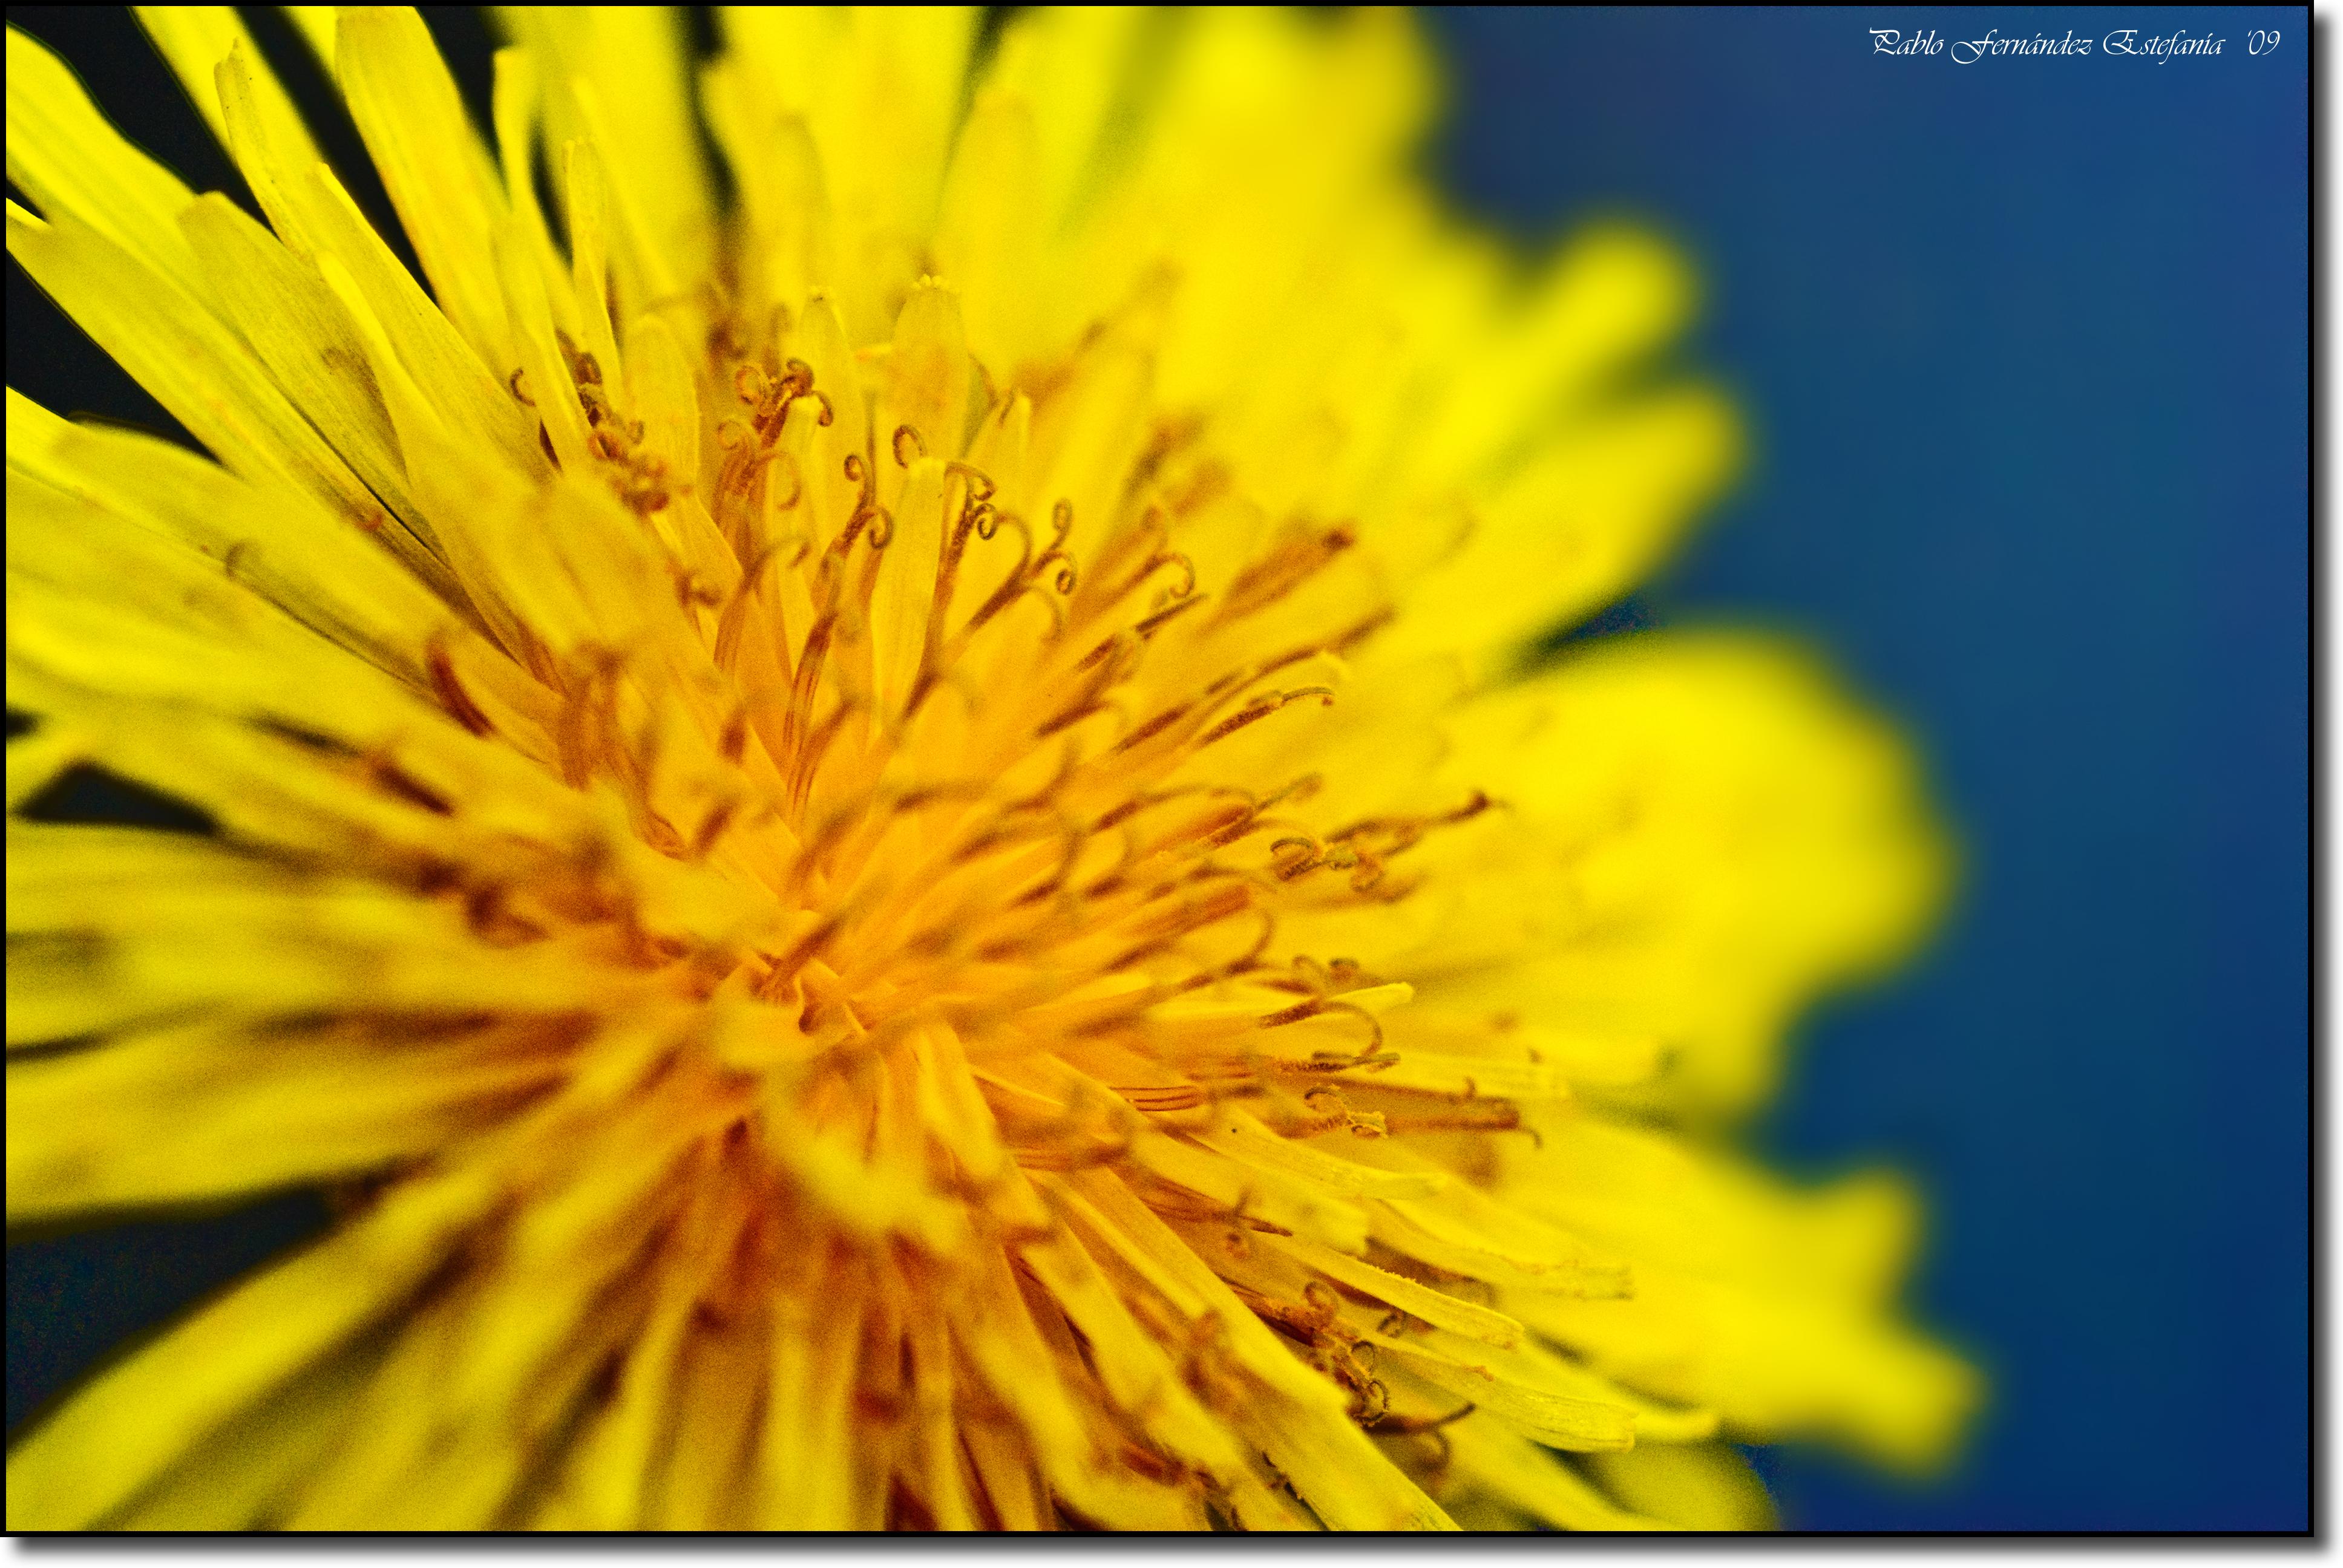 3357329642 19fecb8d0a o First Flower